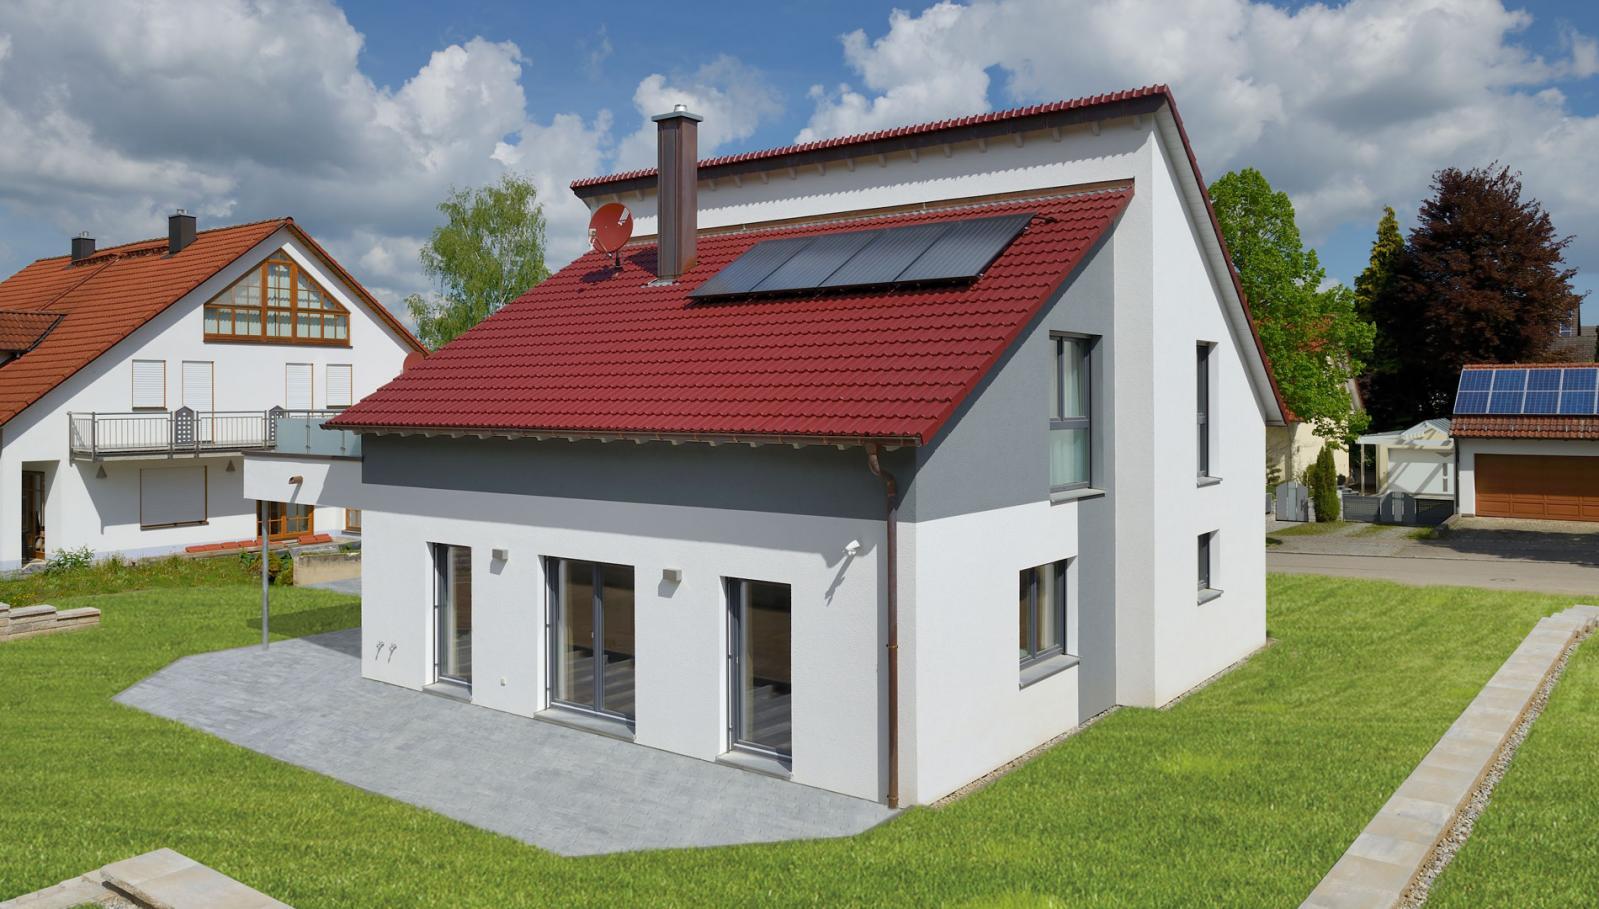 乡村 田园房 途墅之家图纸设计, 叠层屋顶 可铺设太阳能 客厅空间大 g图片